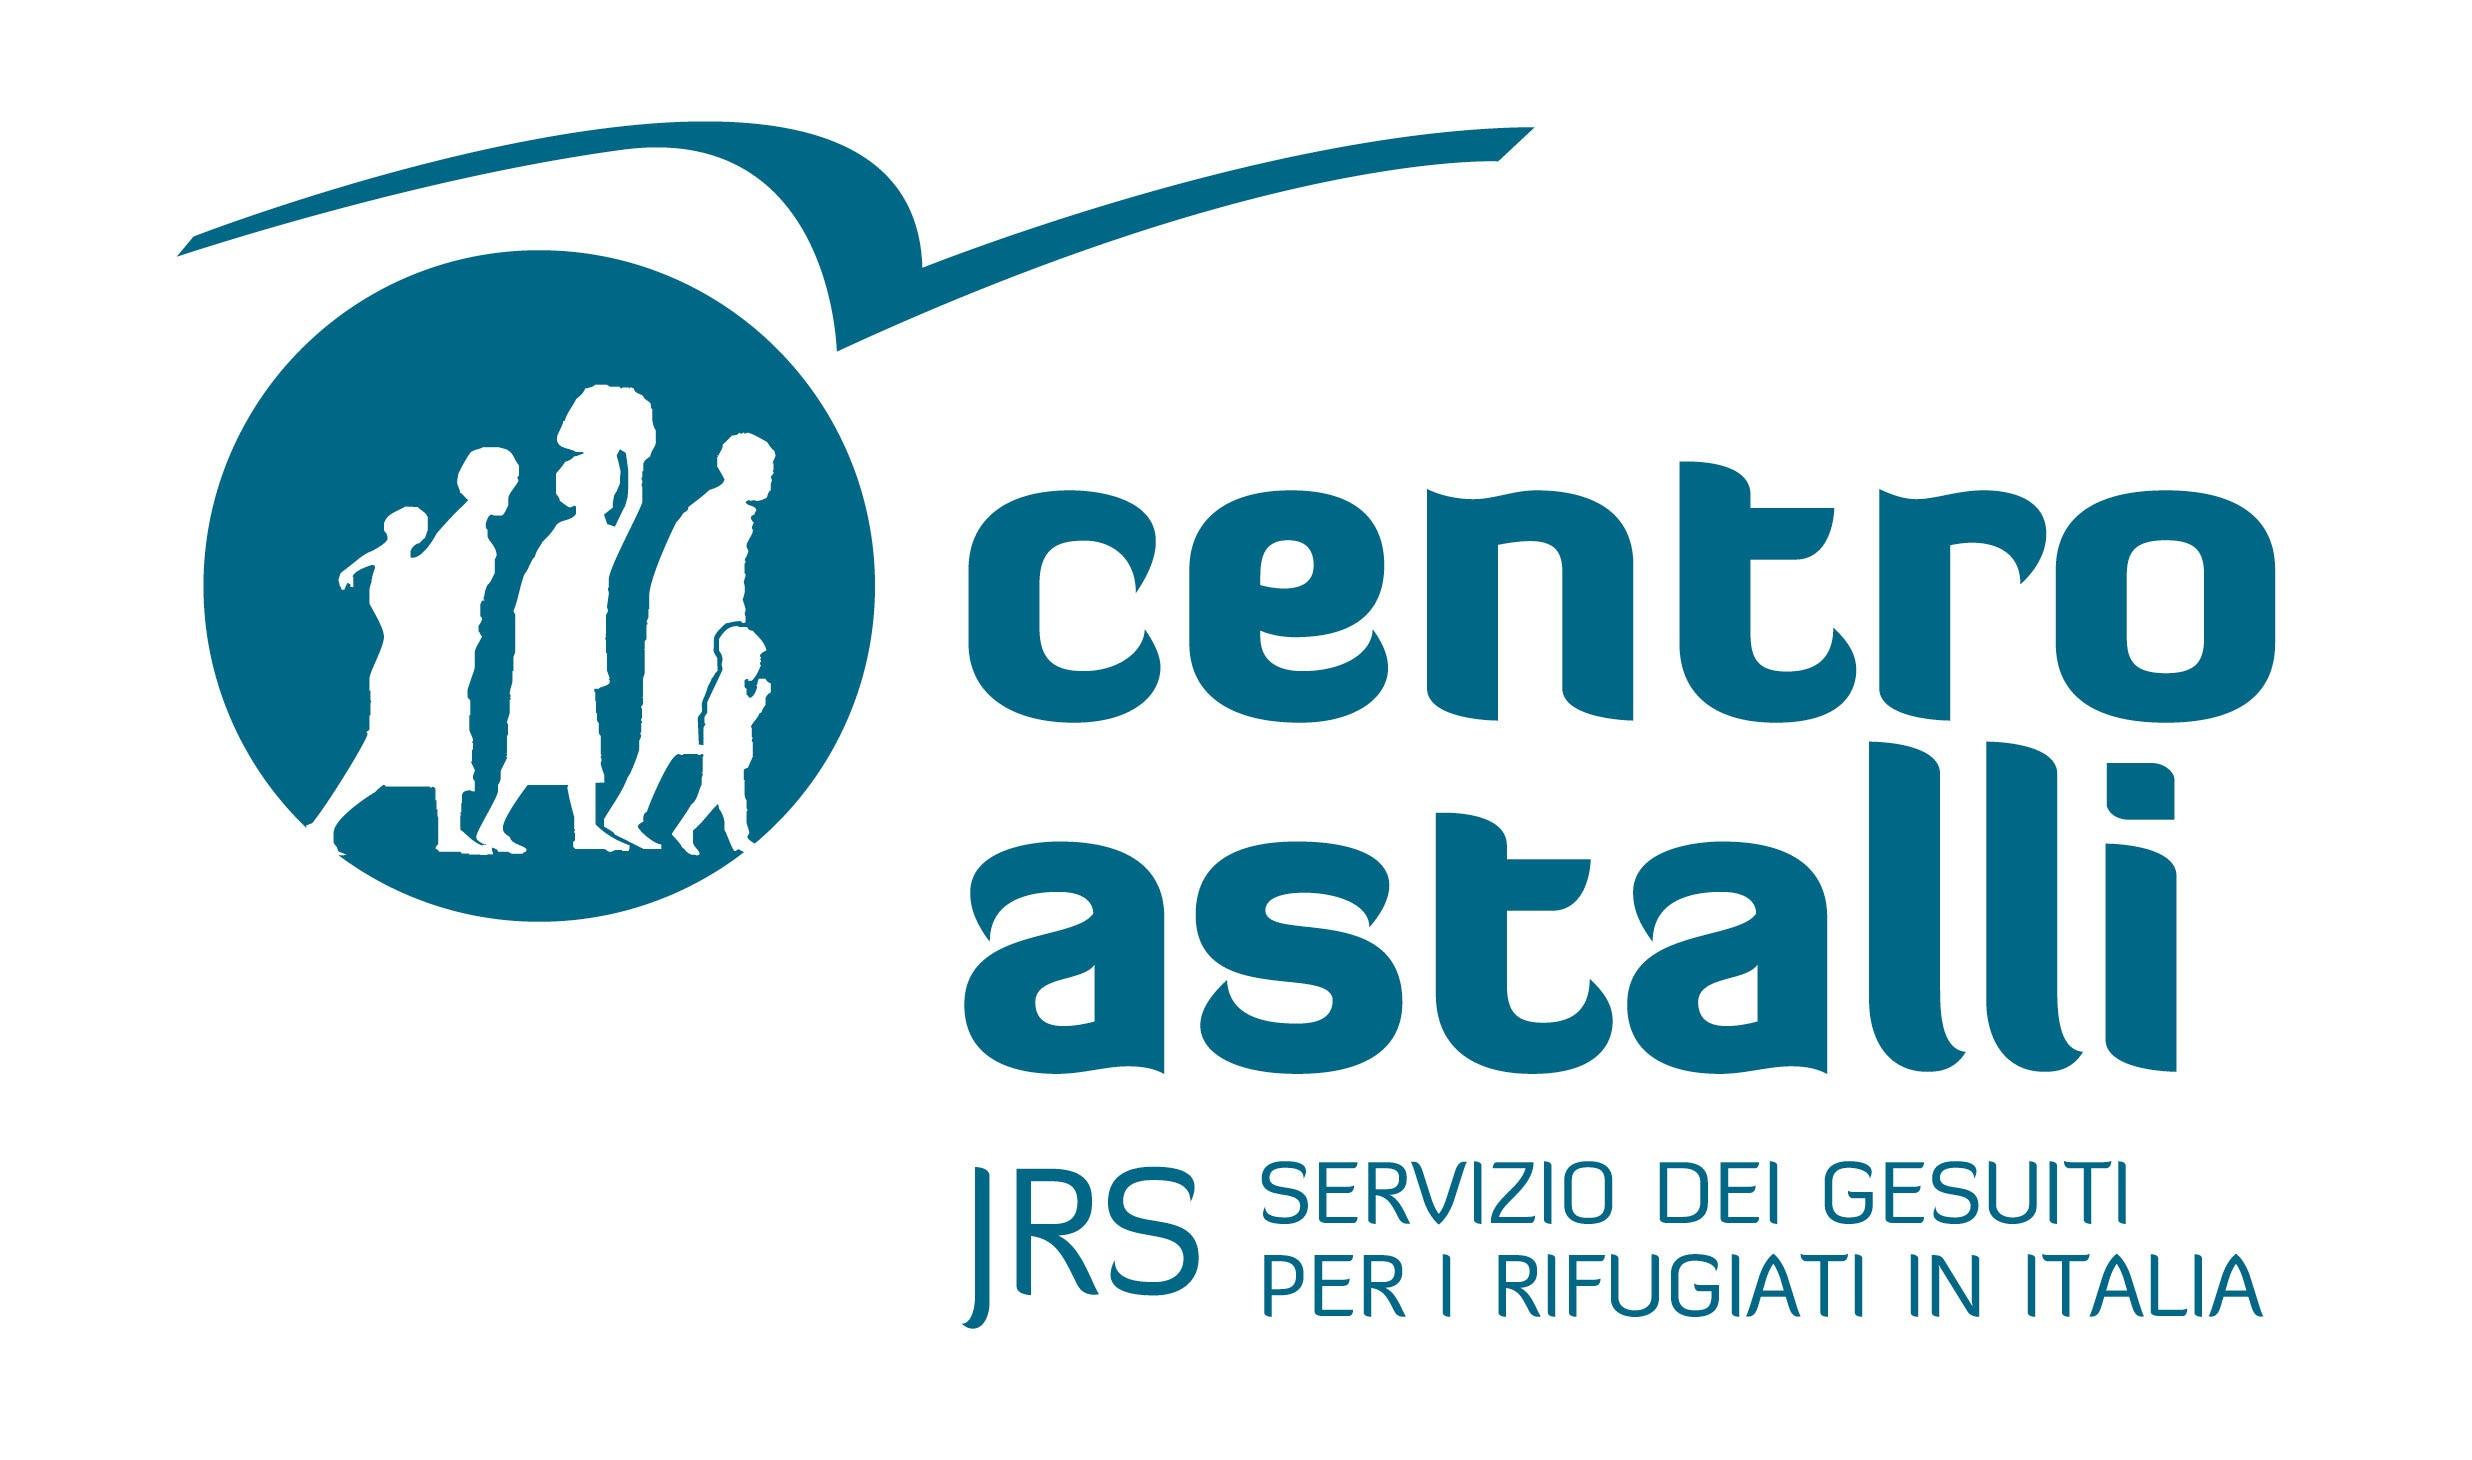 """Centro Astalli: Concerto di Natale 2019 """"Music makes the world go round""""  - 17dicembre 2019, ore 18.00 - Chiesa S. Andrea al Quirinale - Via del Quirinale, 29 – Roma"""